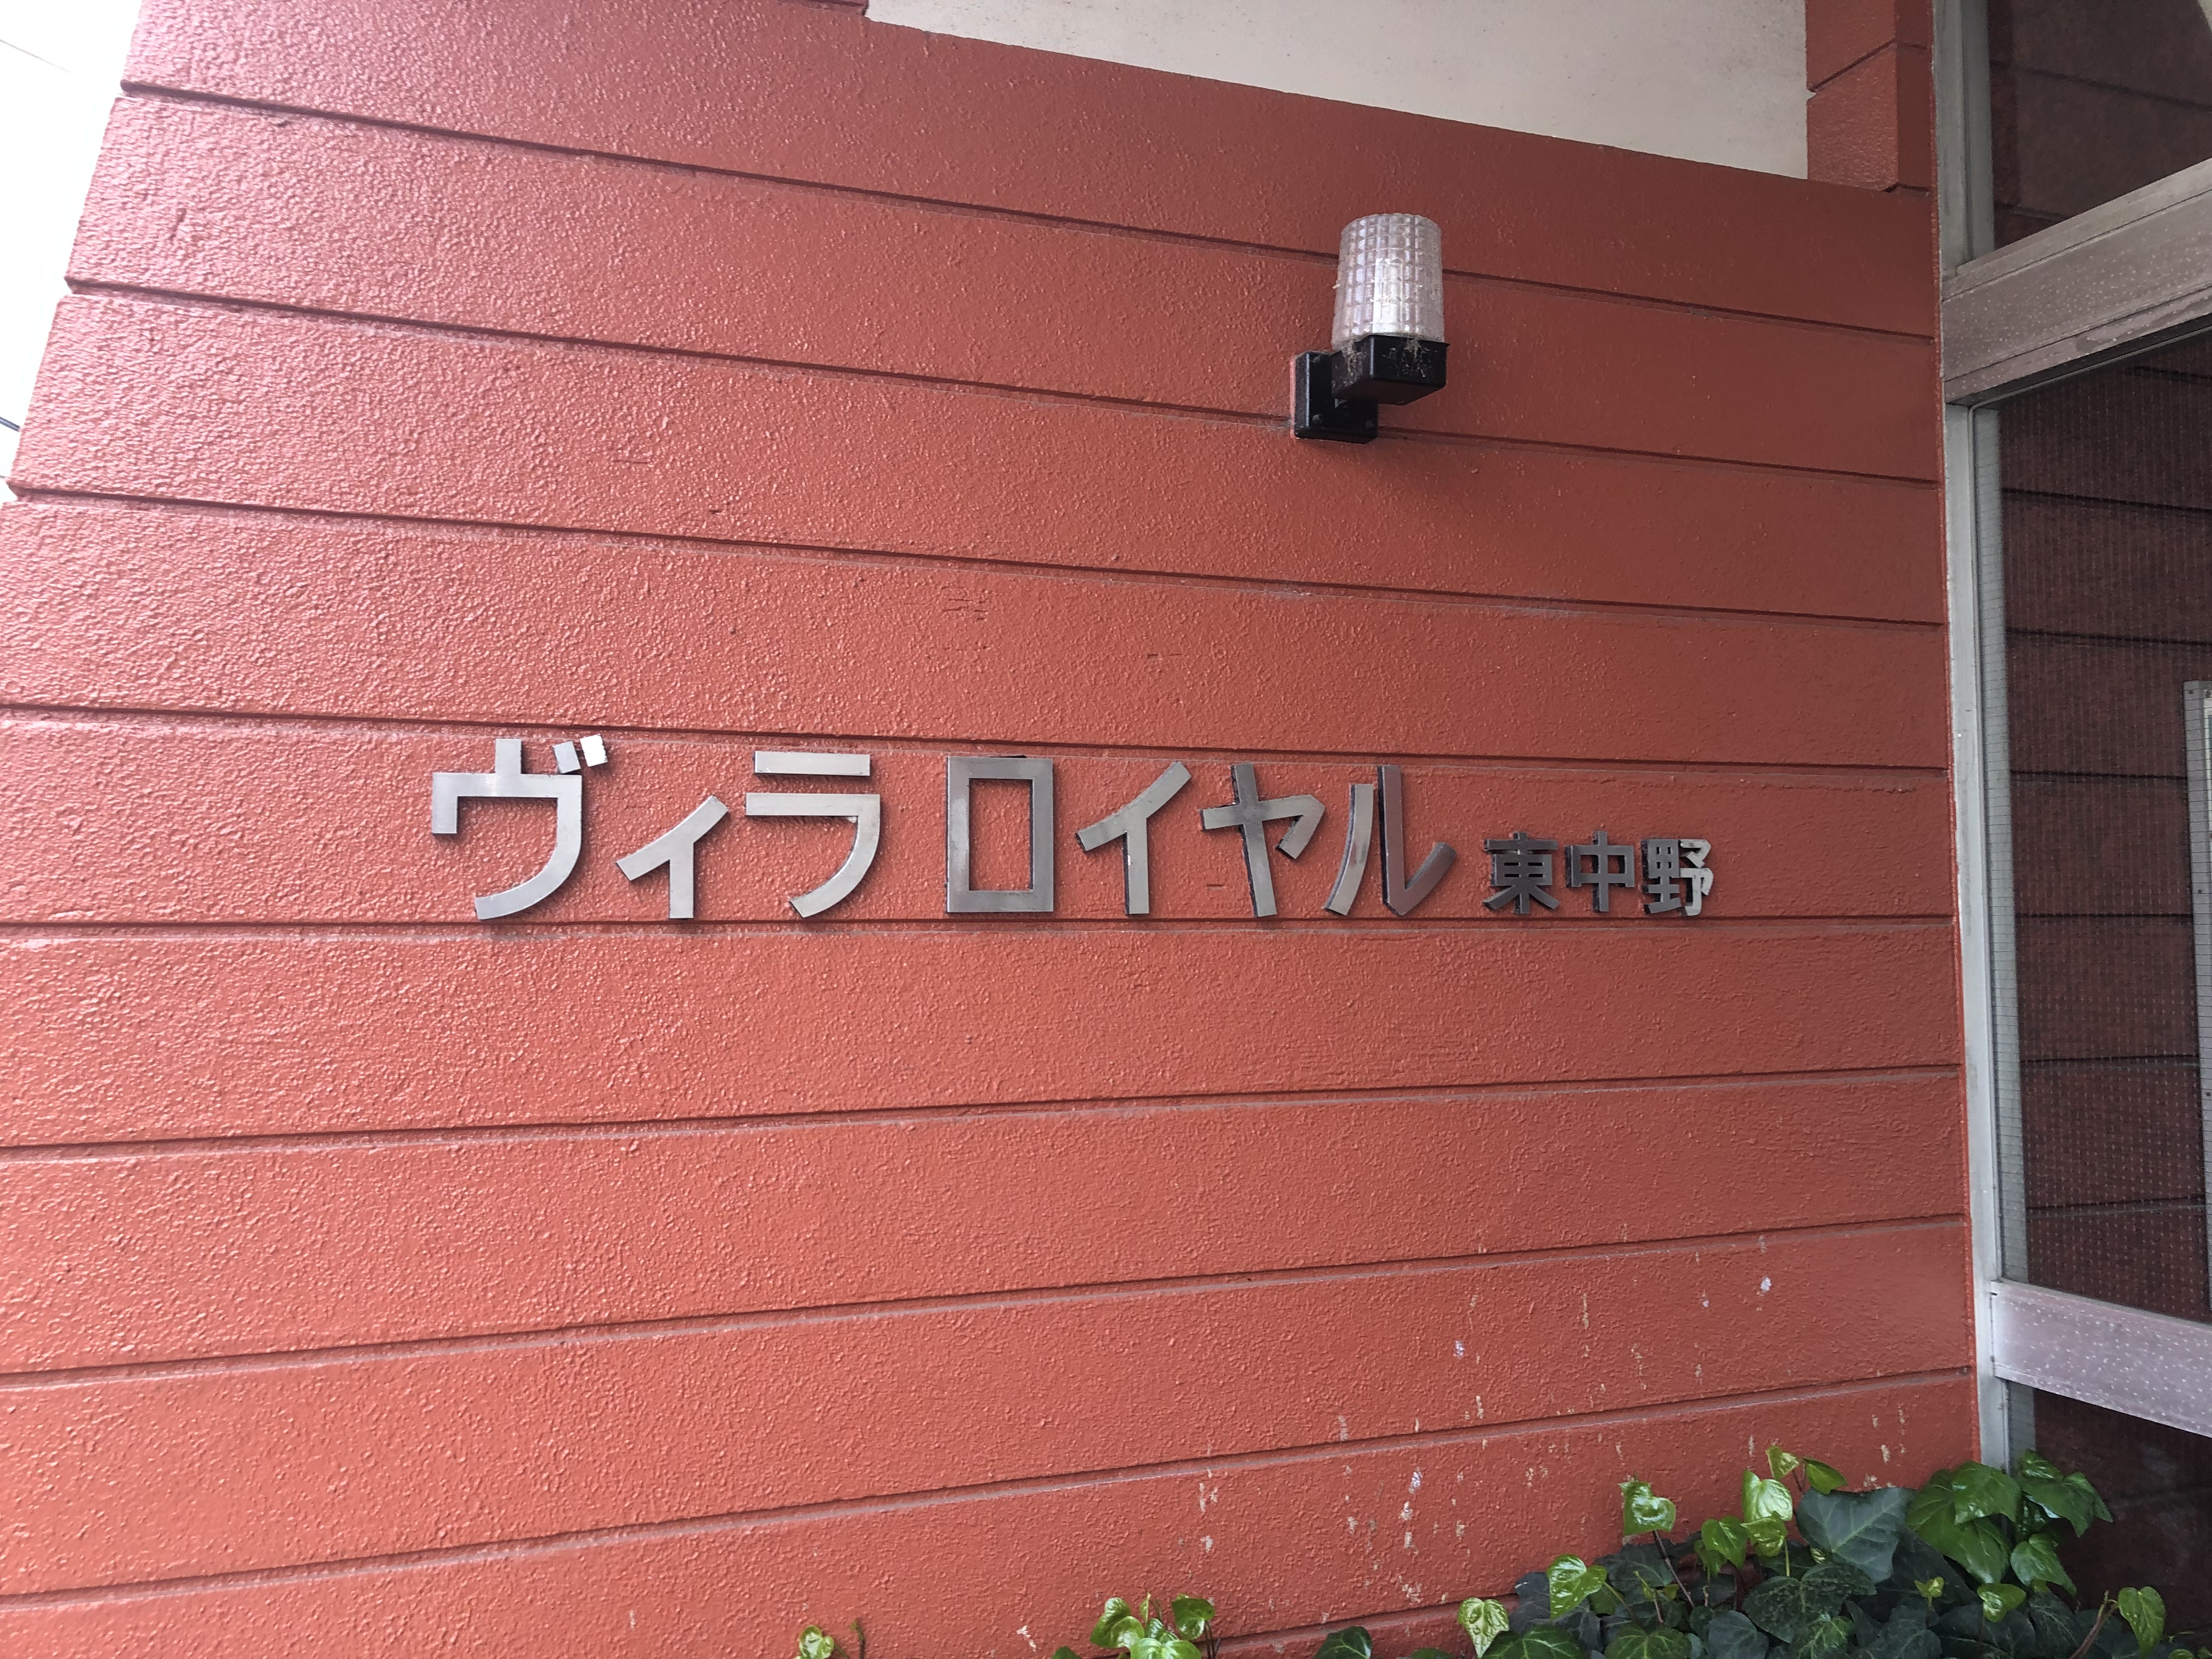 物件紹介~ヴィラロイヤル東中野~